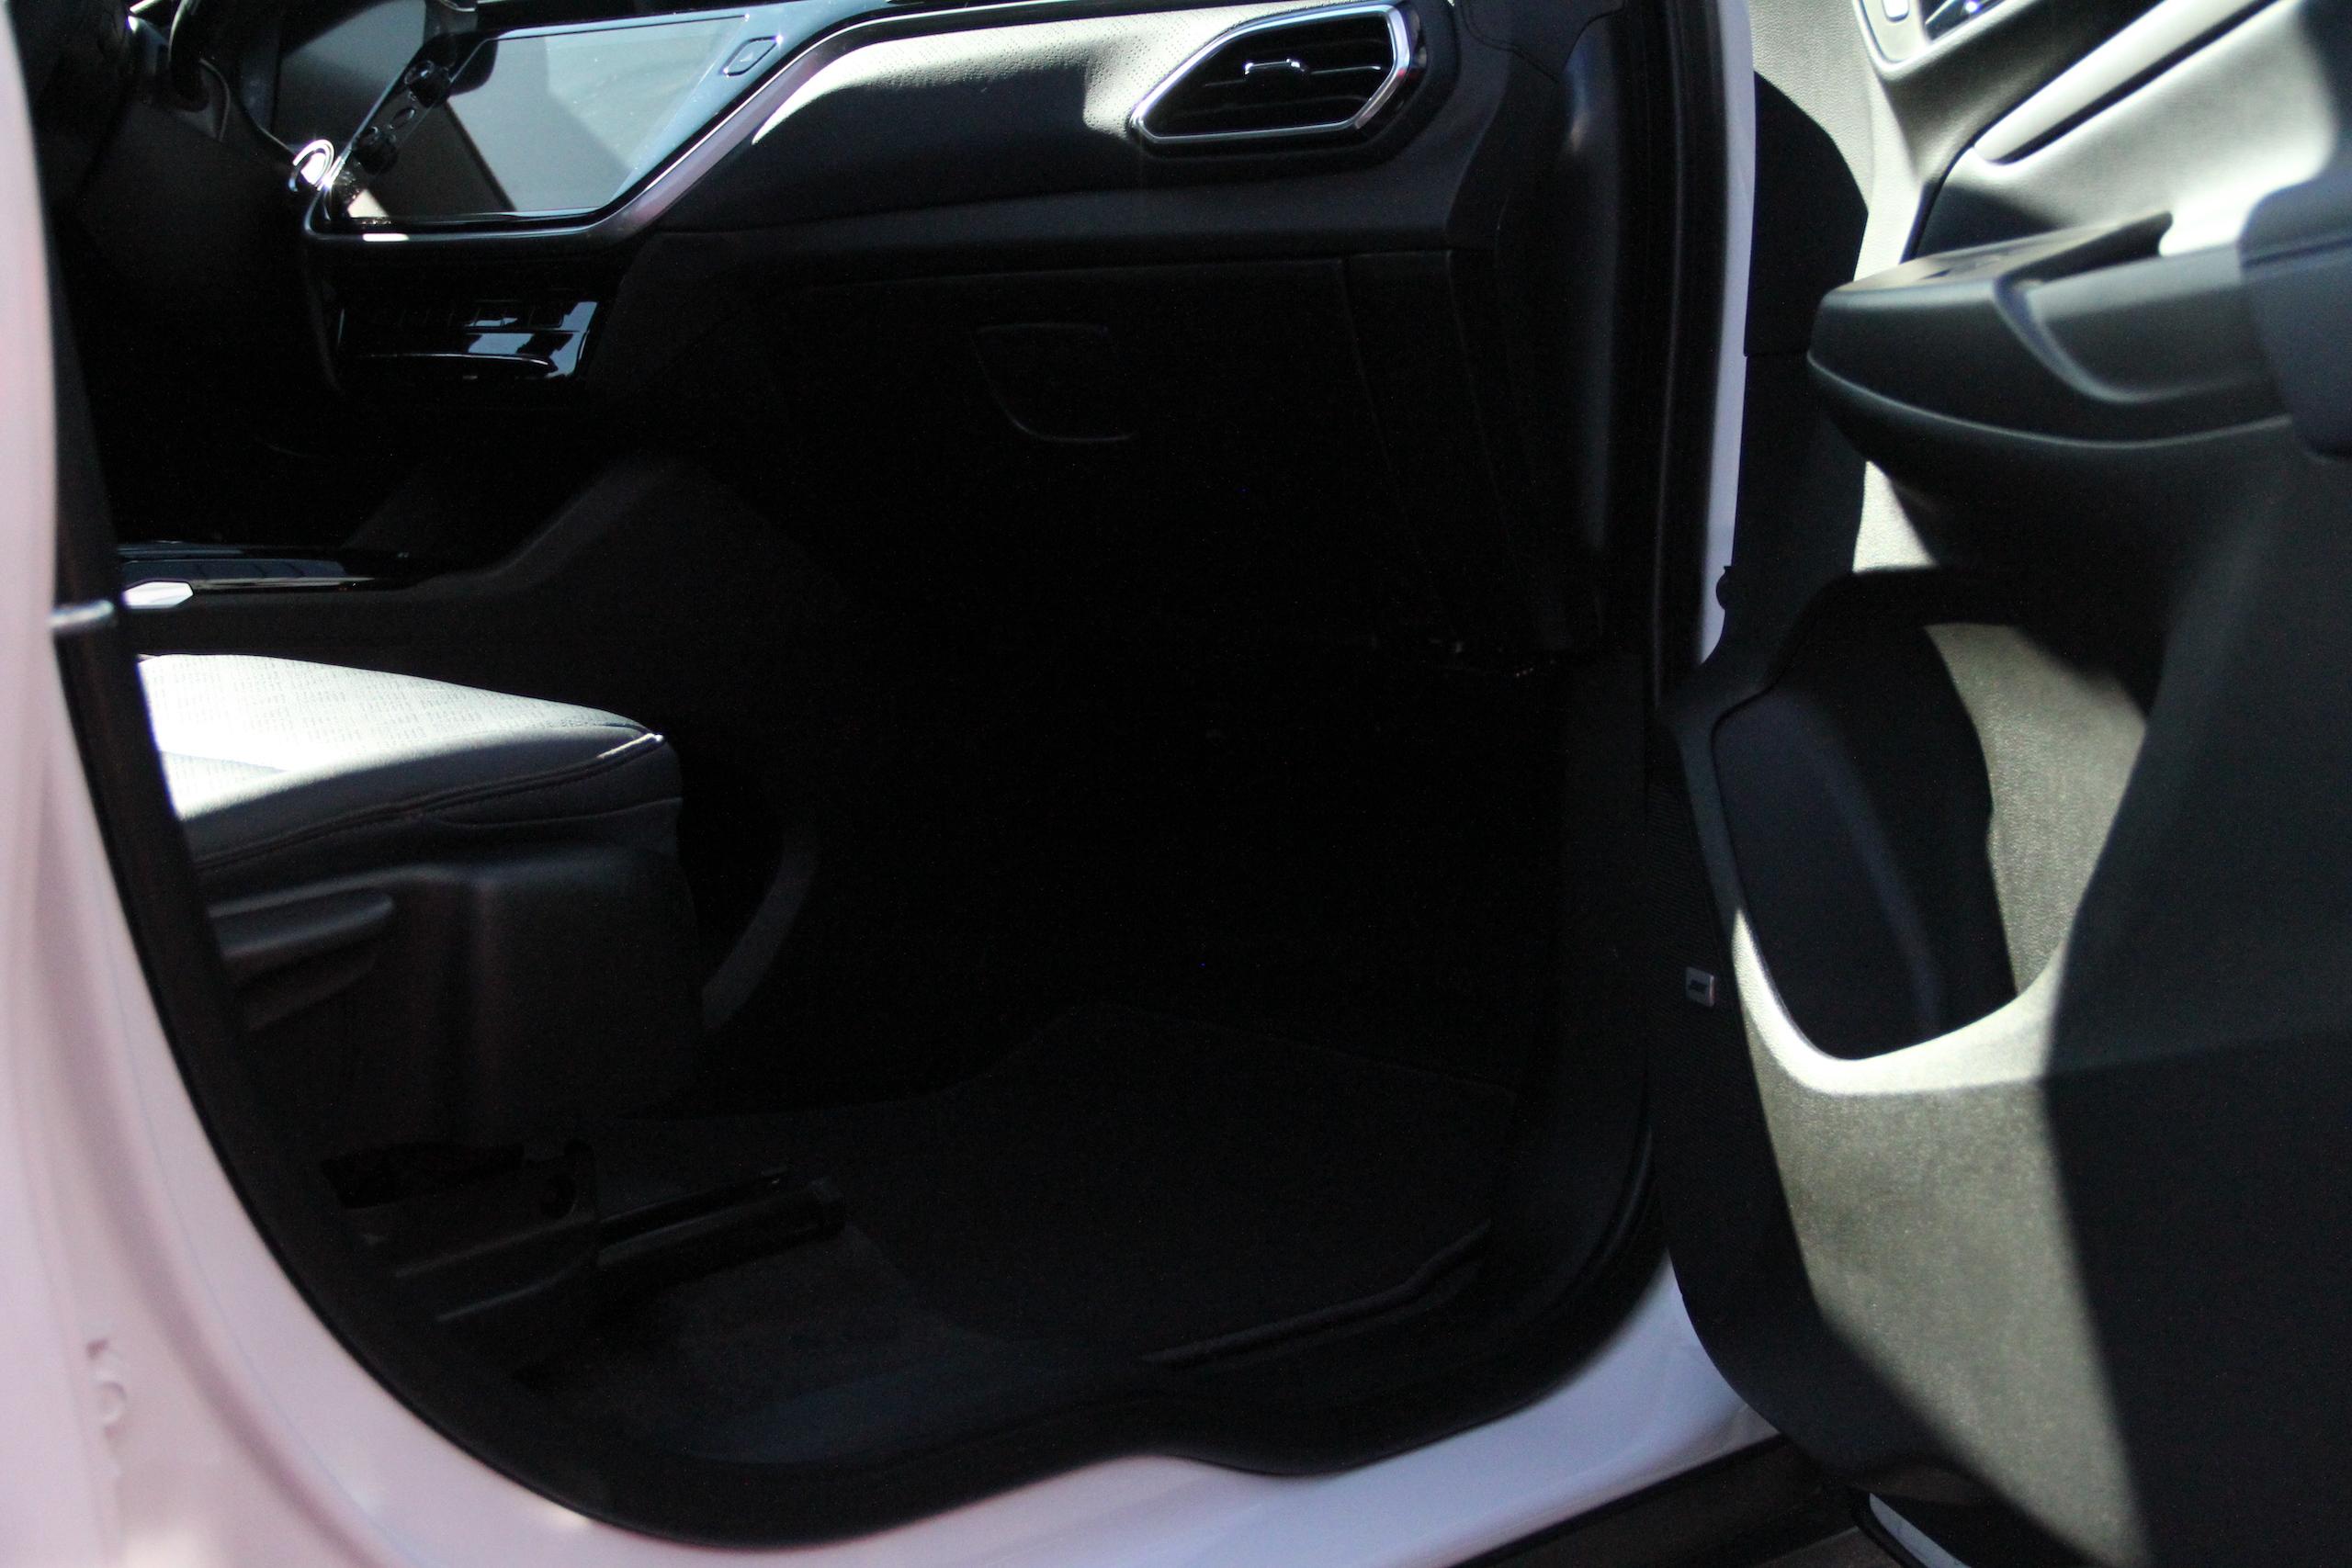 2022 Bolt EUV passenger side